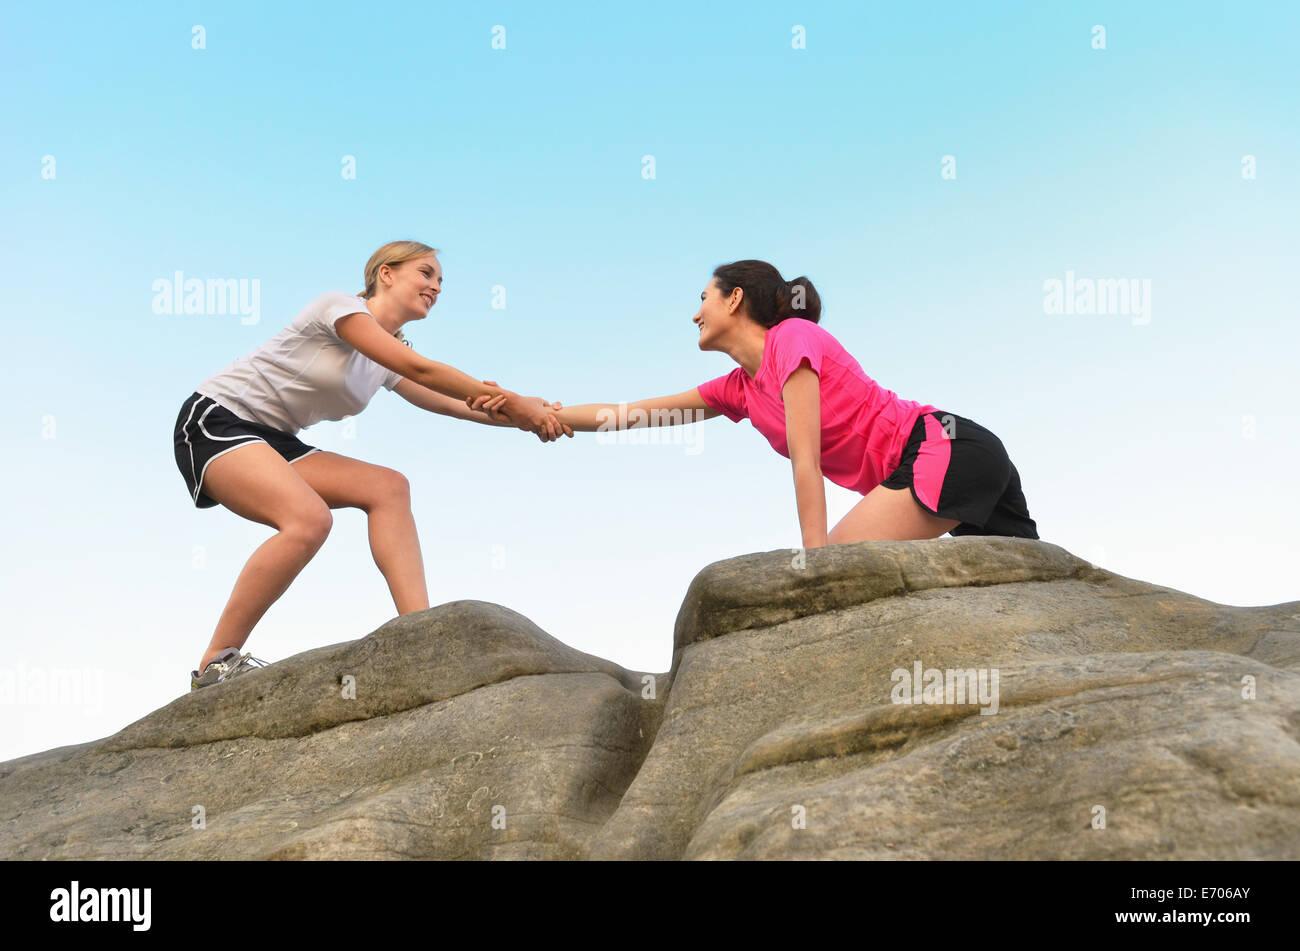 Giovani femminile aiutando un amico a inizio di formazione di roccia Immagini Stock